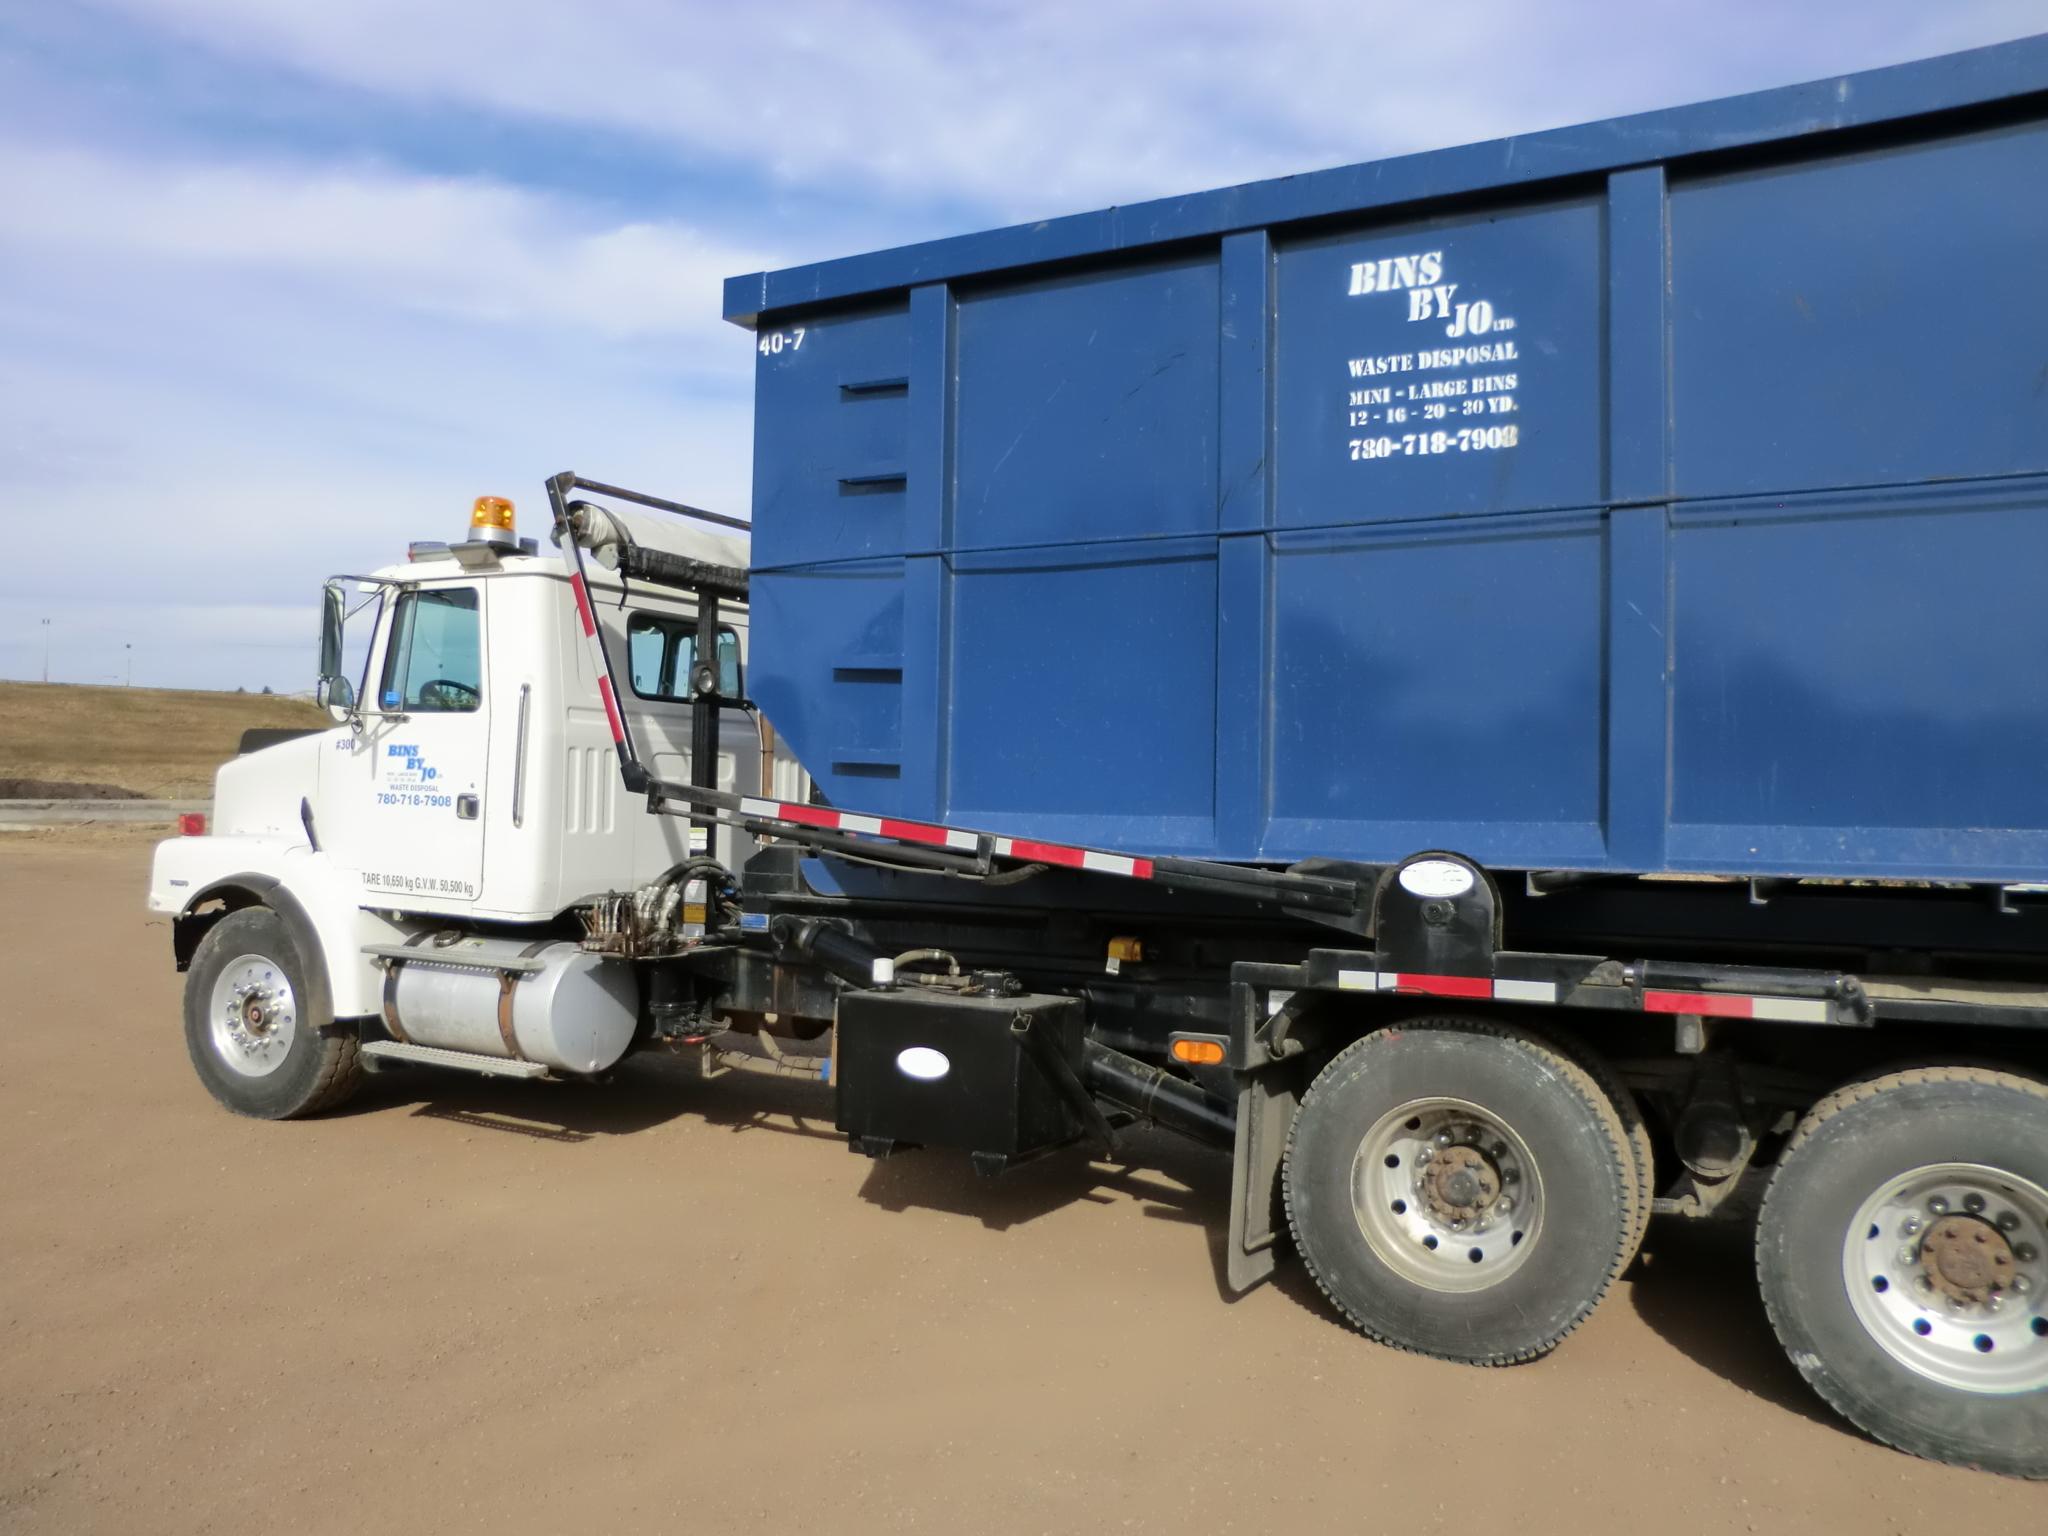 Bins By Jo Ltd - Edmonton, AB T5T 5X9 - (780)718-7908 | ShowMeLocal.com